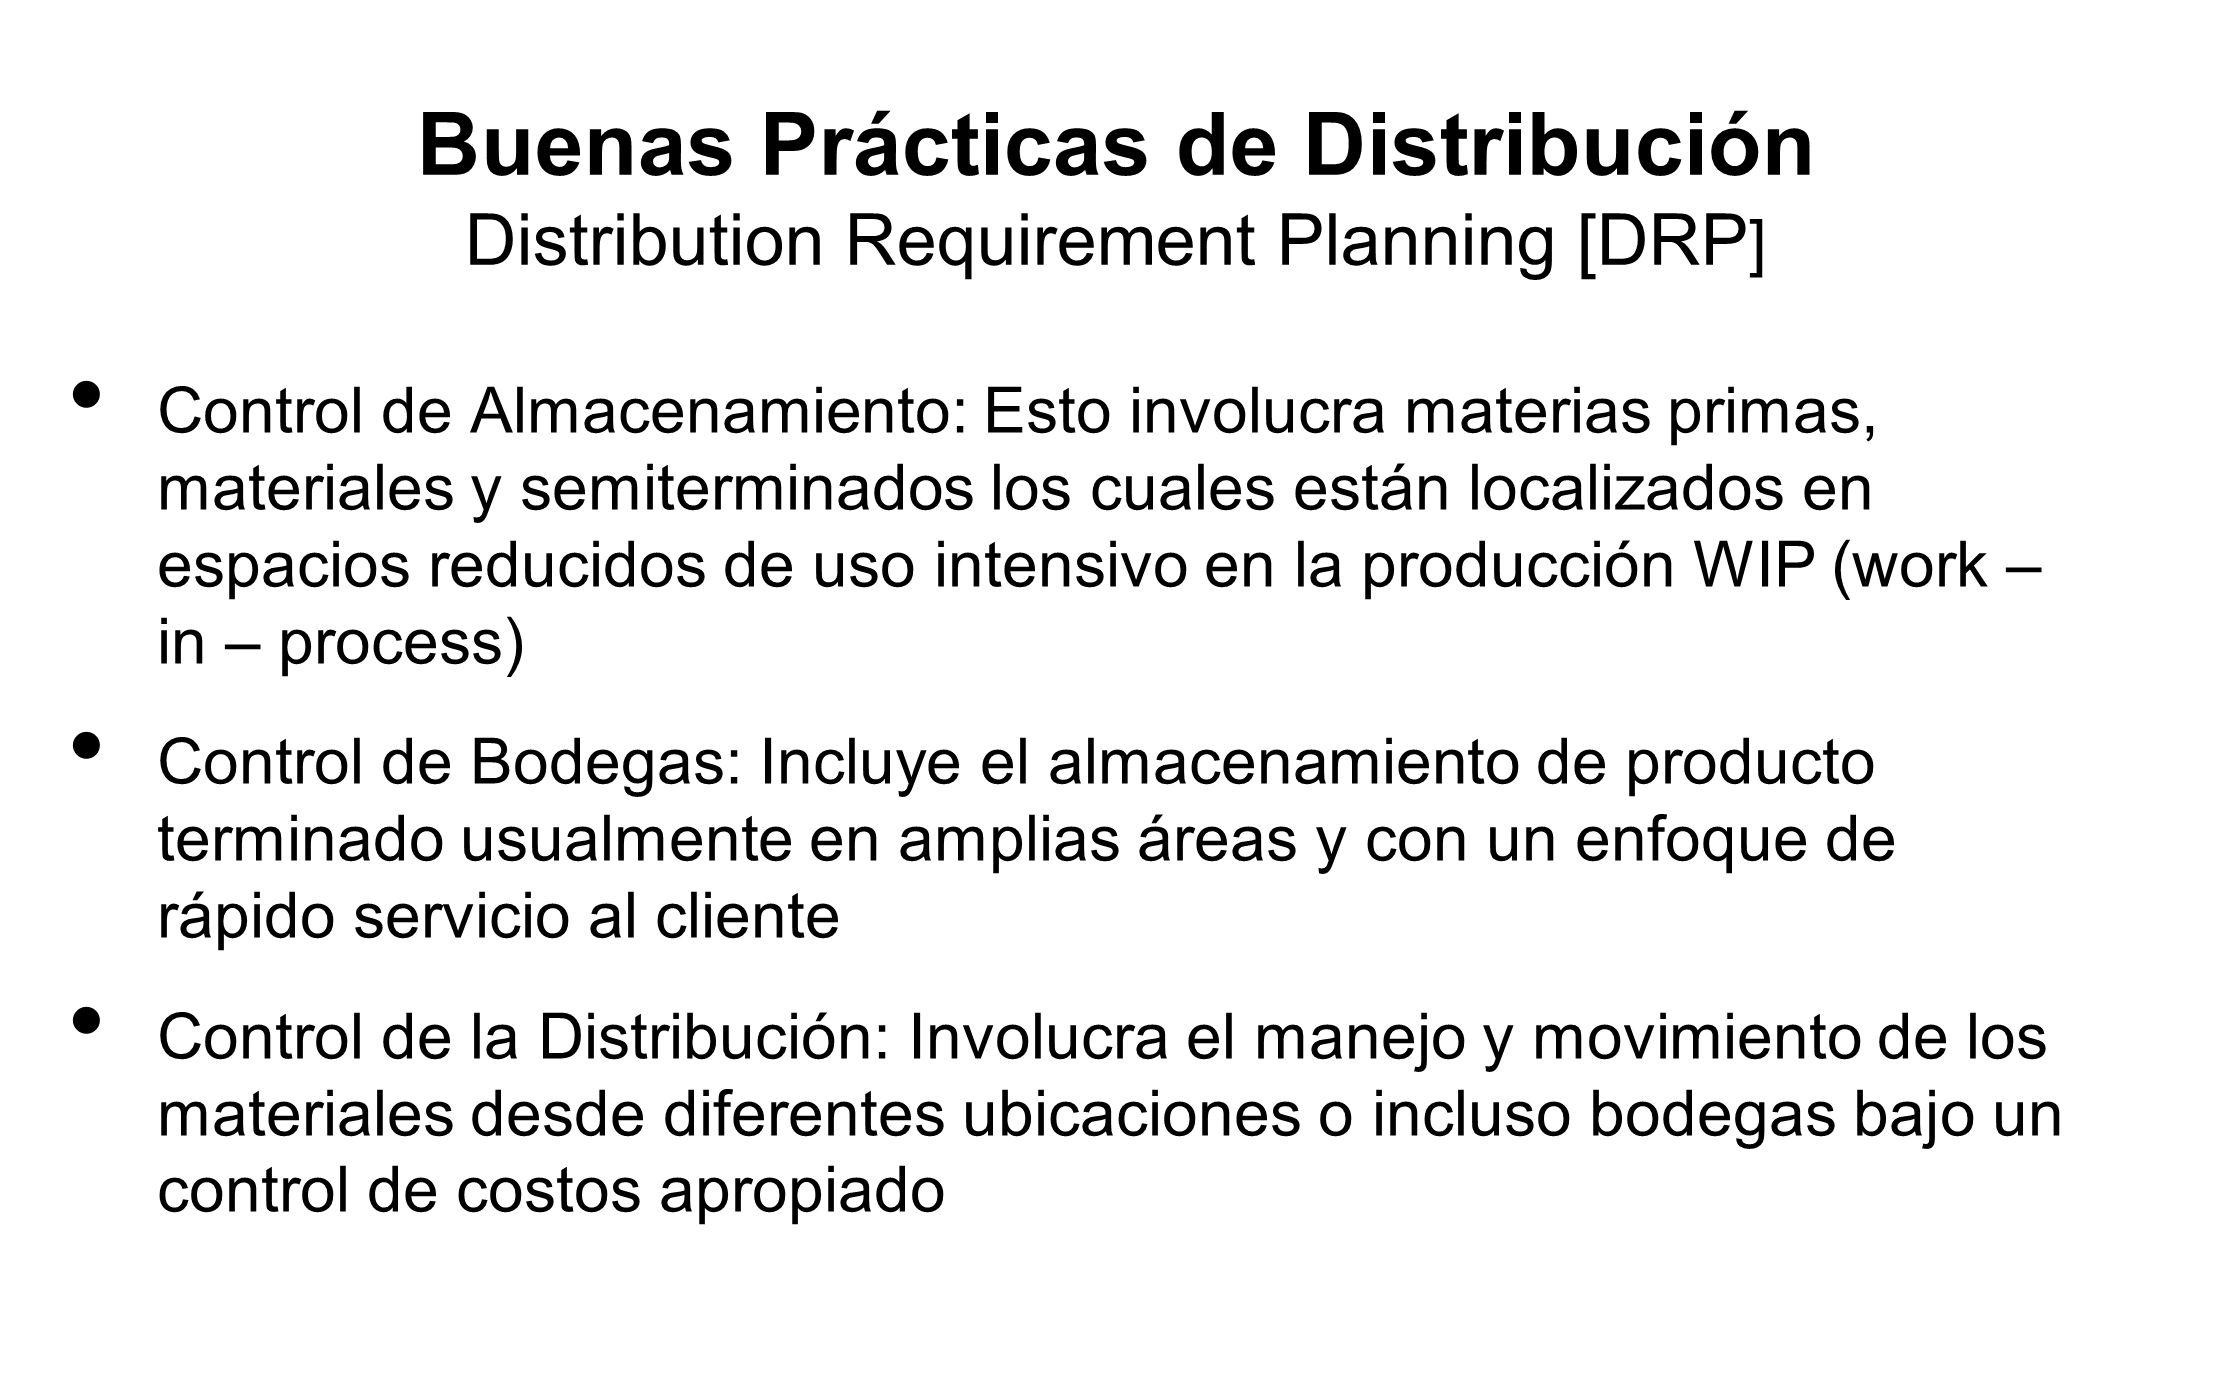 Buenas Prácticas de Distribución Distribution Requirement Planning [DRP ] Control de Almacenamiento: Esto involucra materias primas, materiales y semi